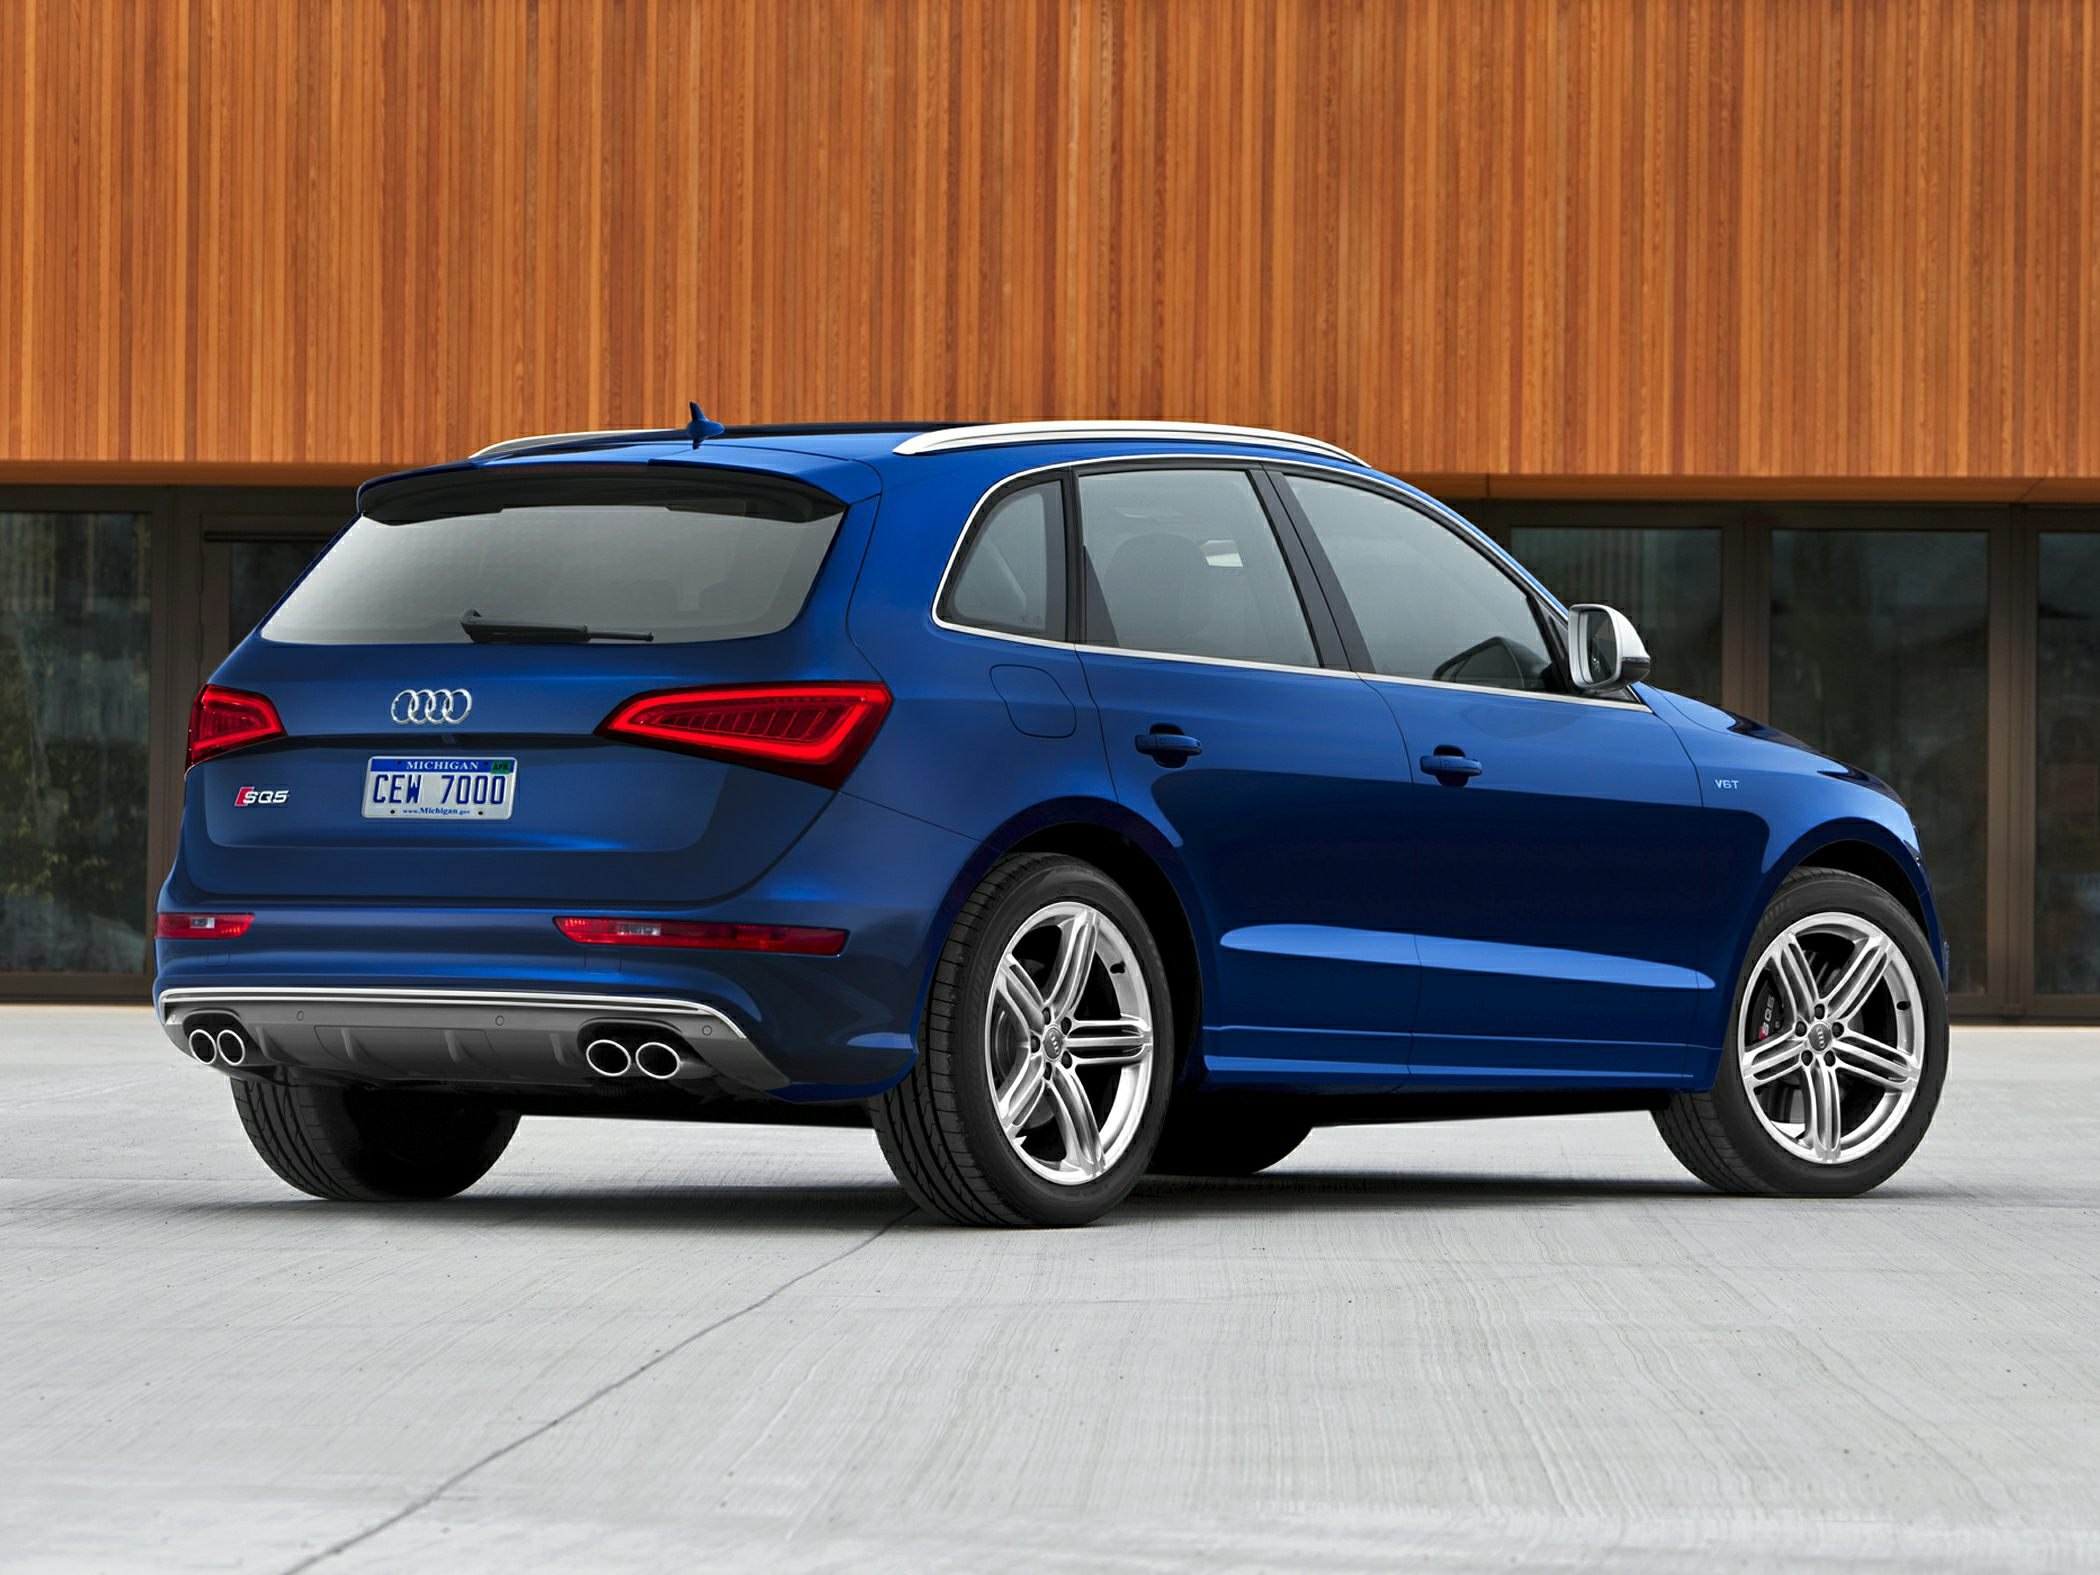 2015 Audi SQ5 Rear